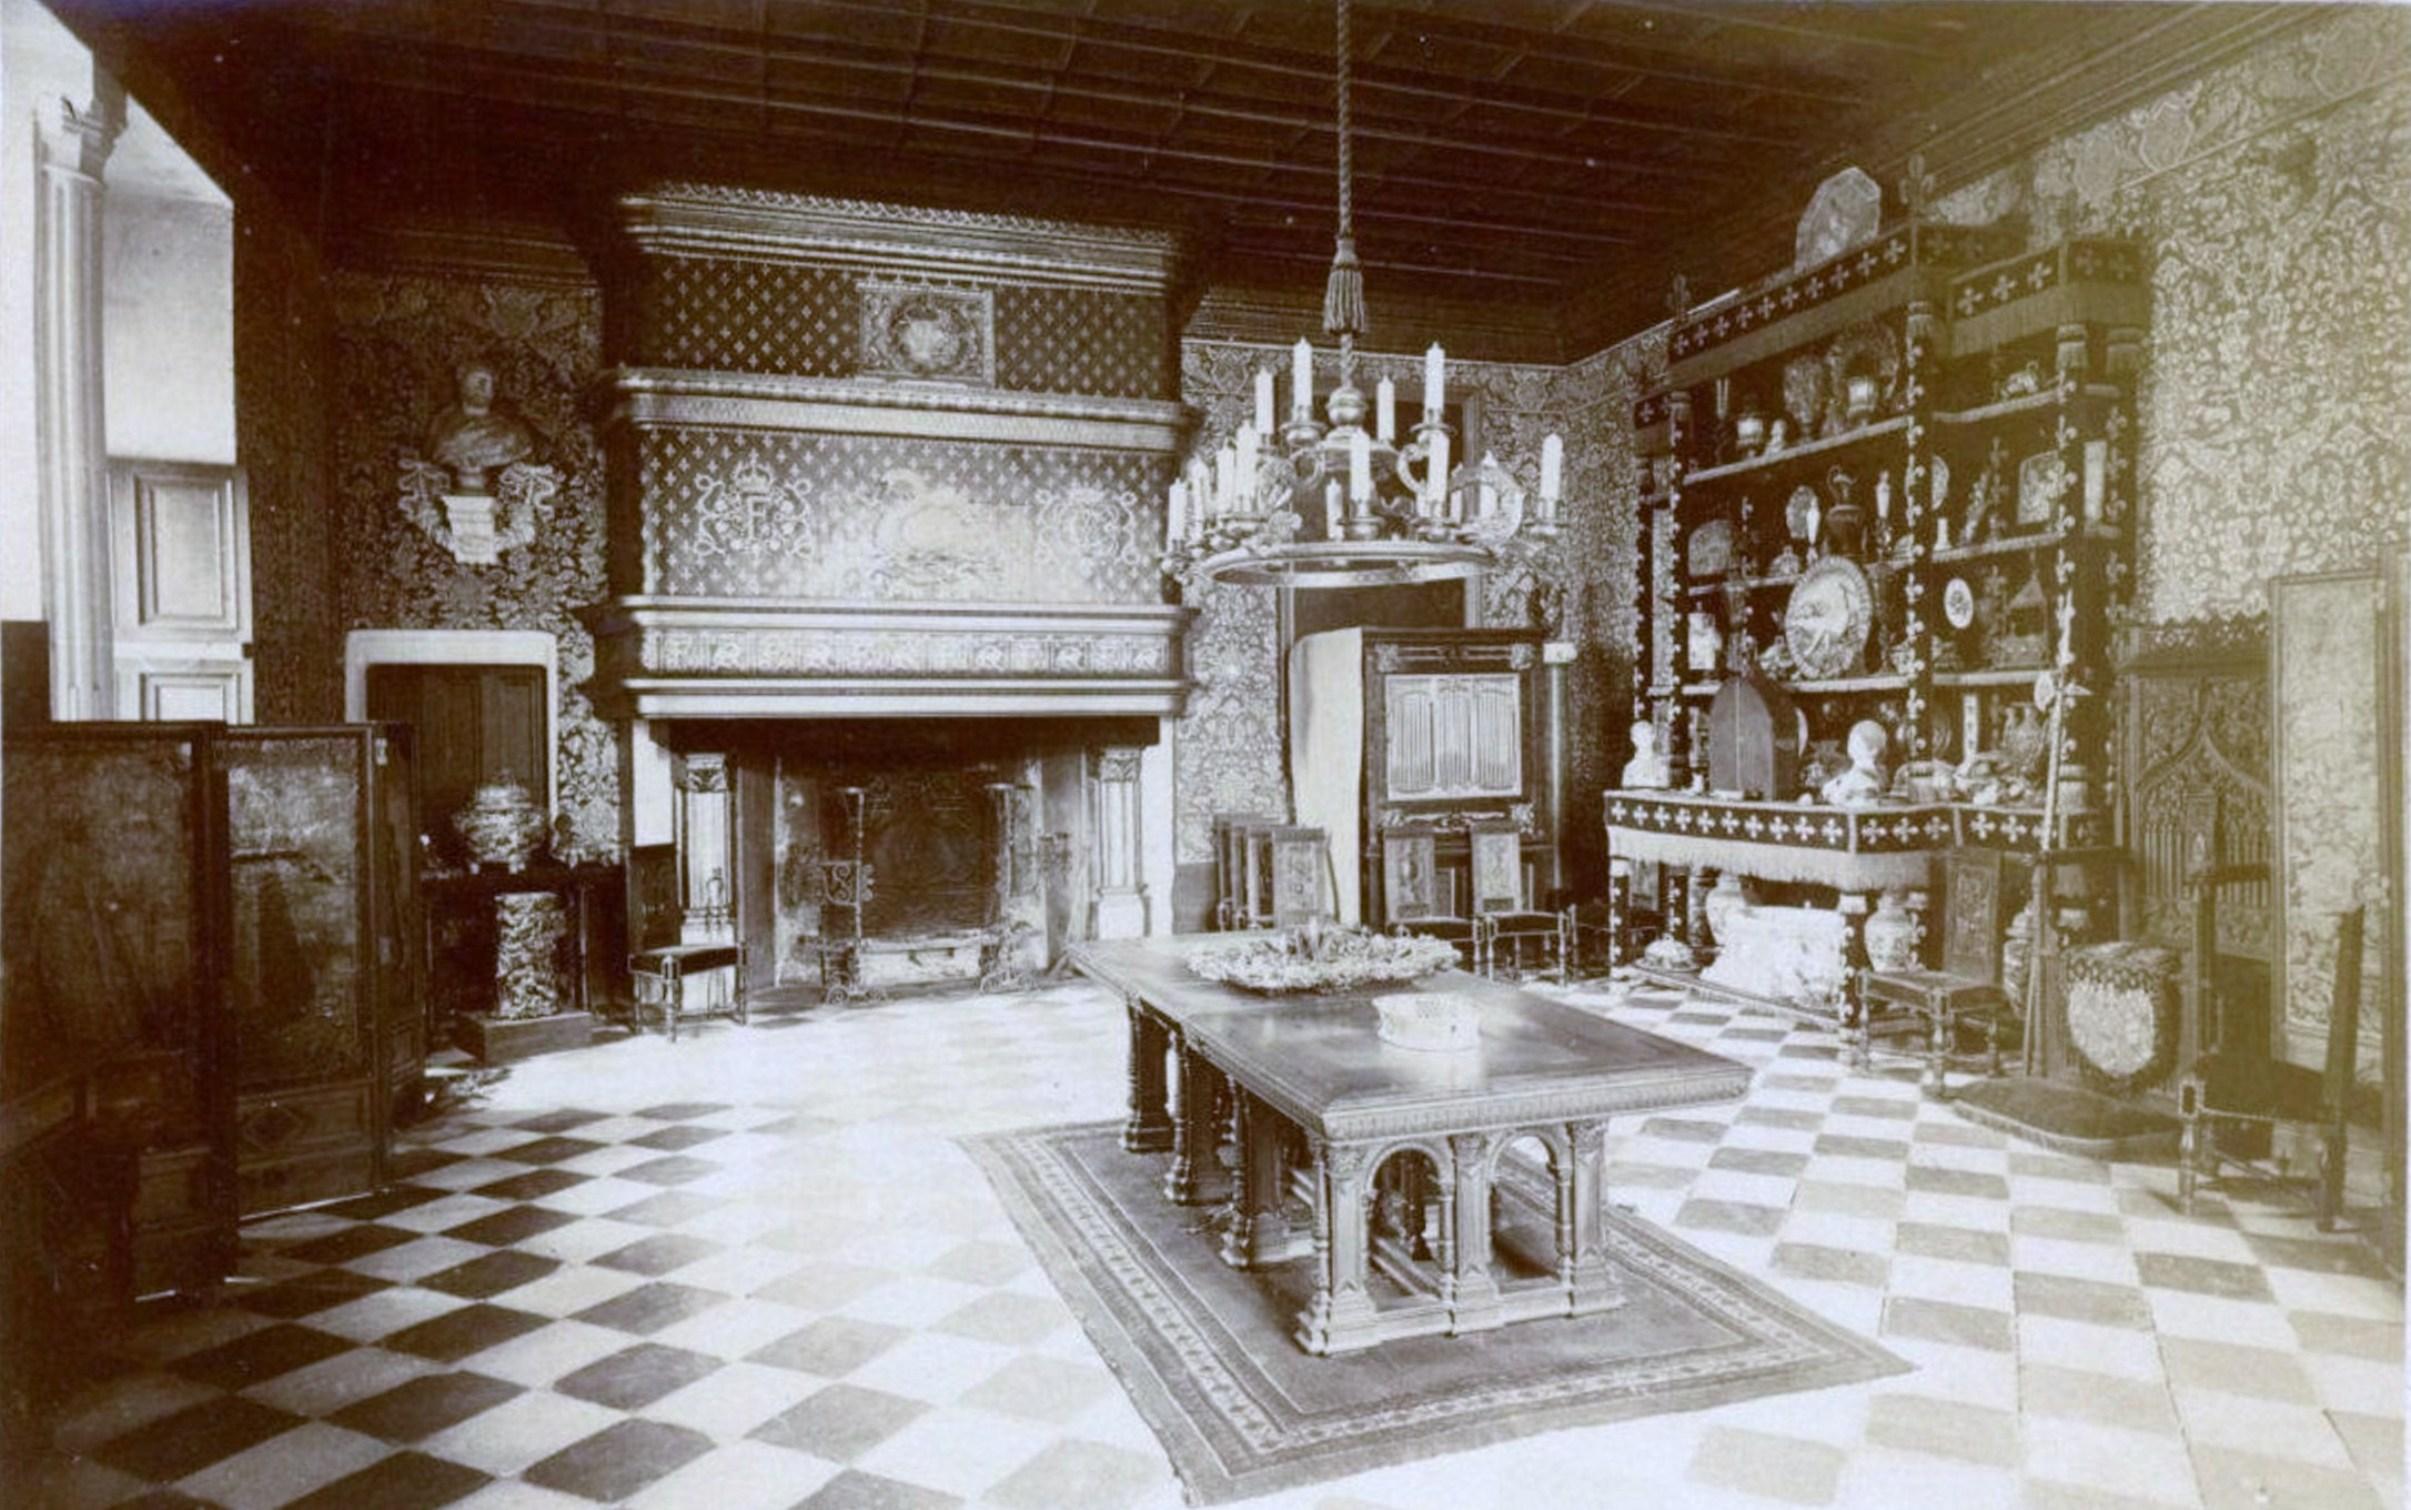 File:Château de Chenonceau - Salle à manger (05).jpg - Wikimedia Commons